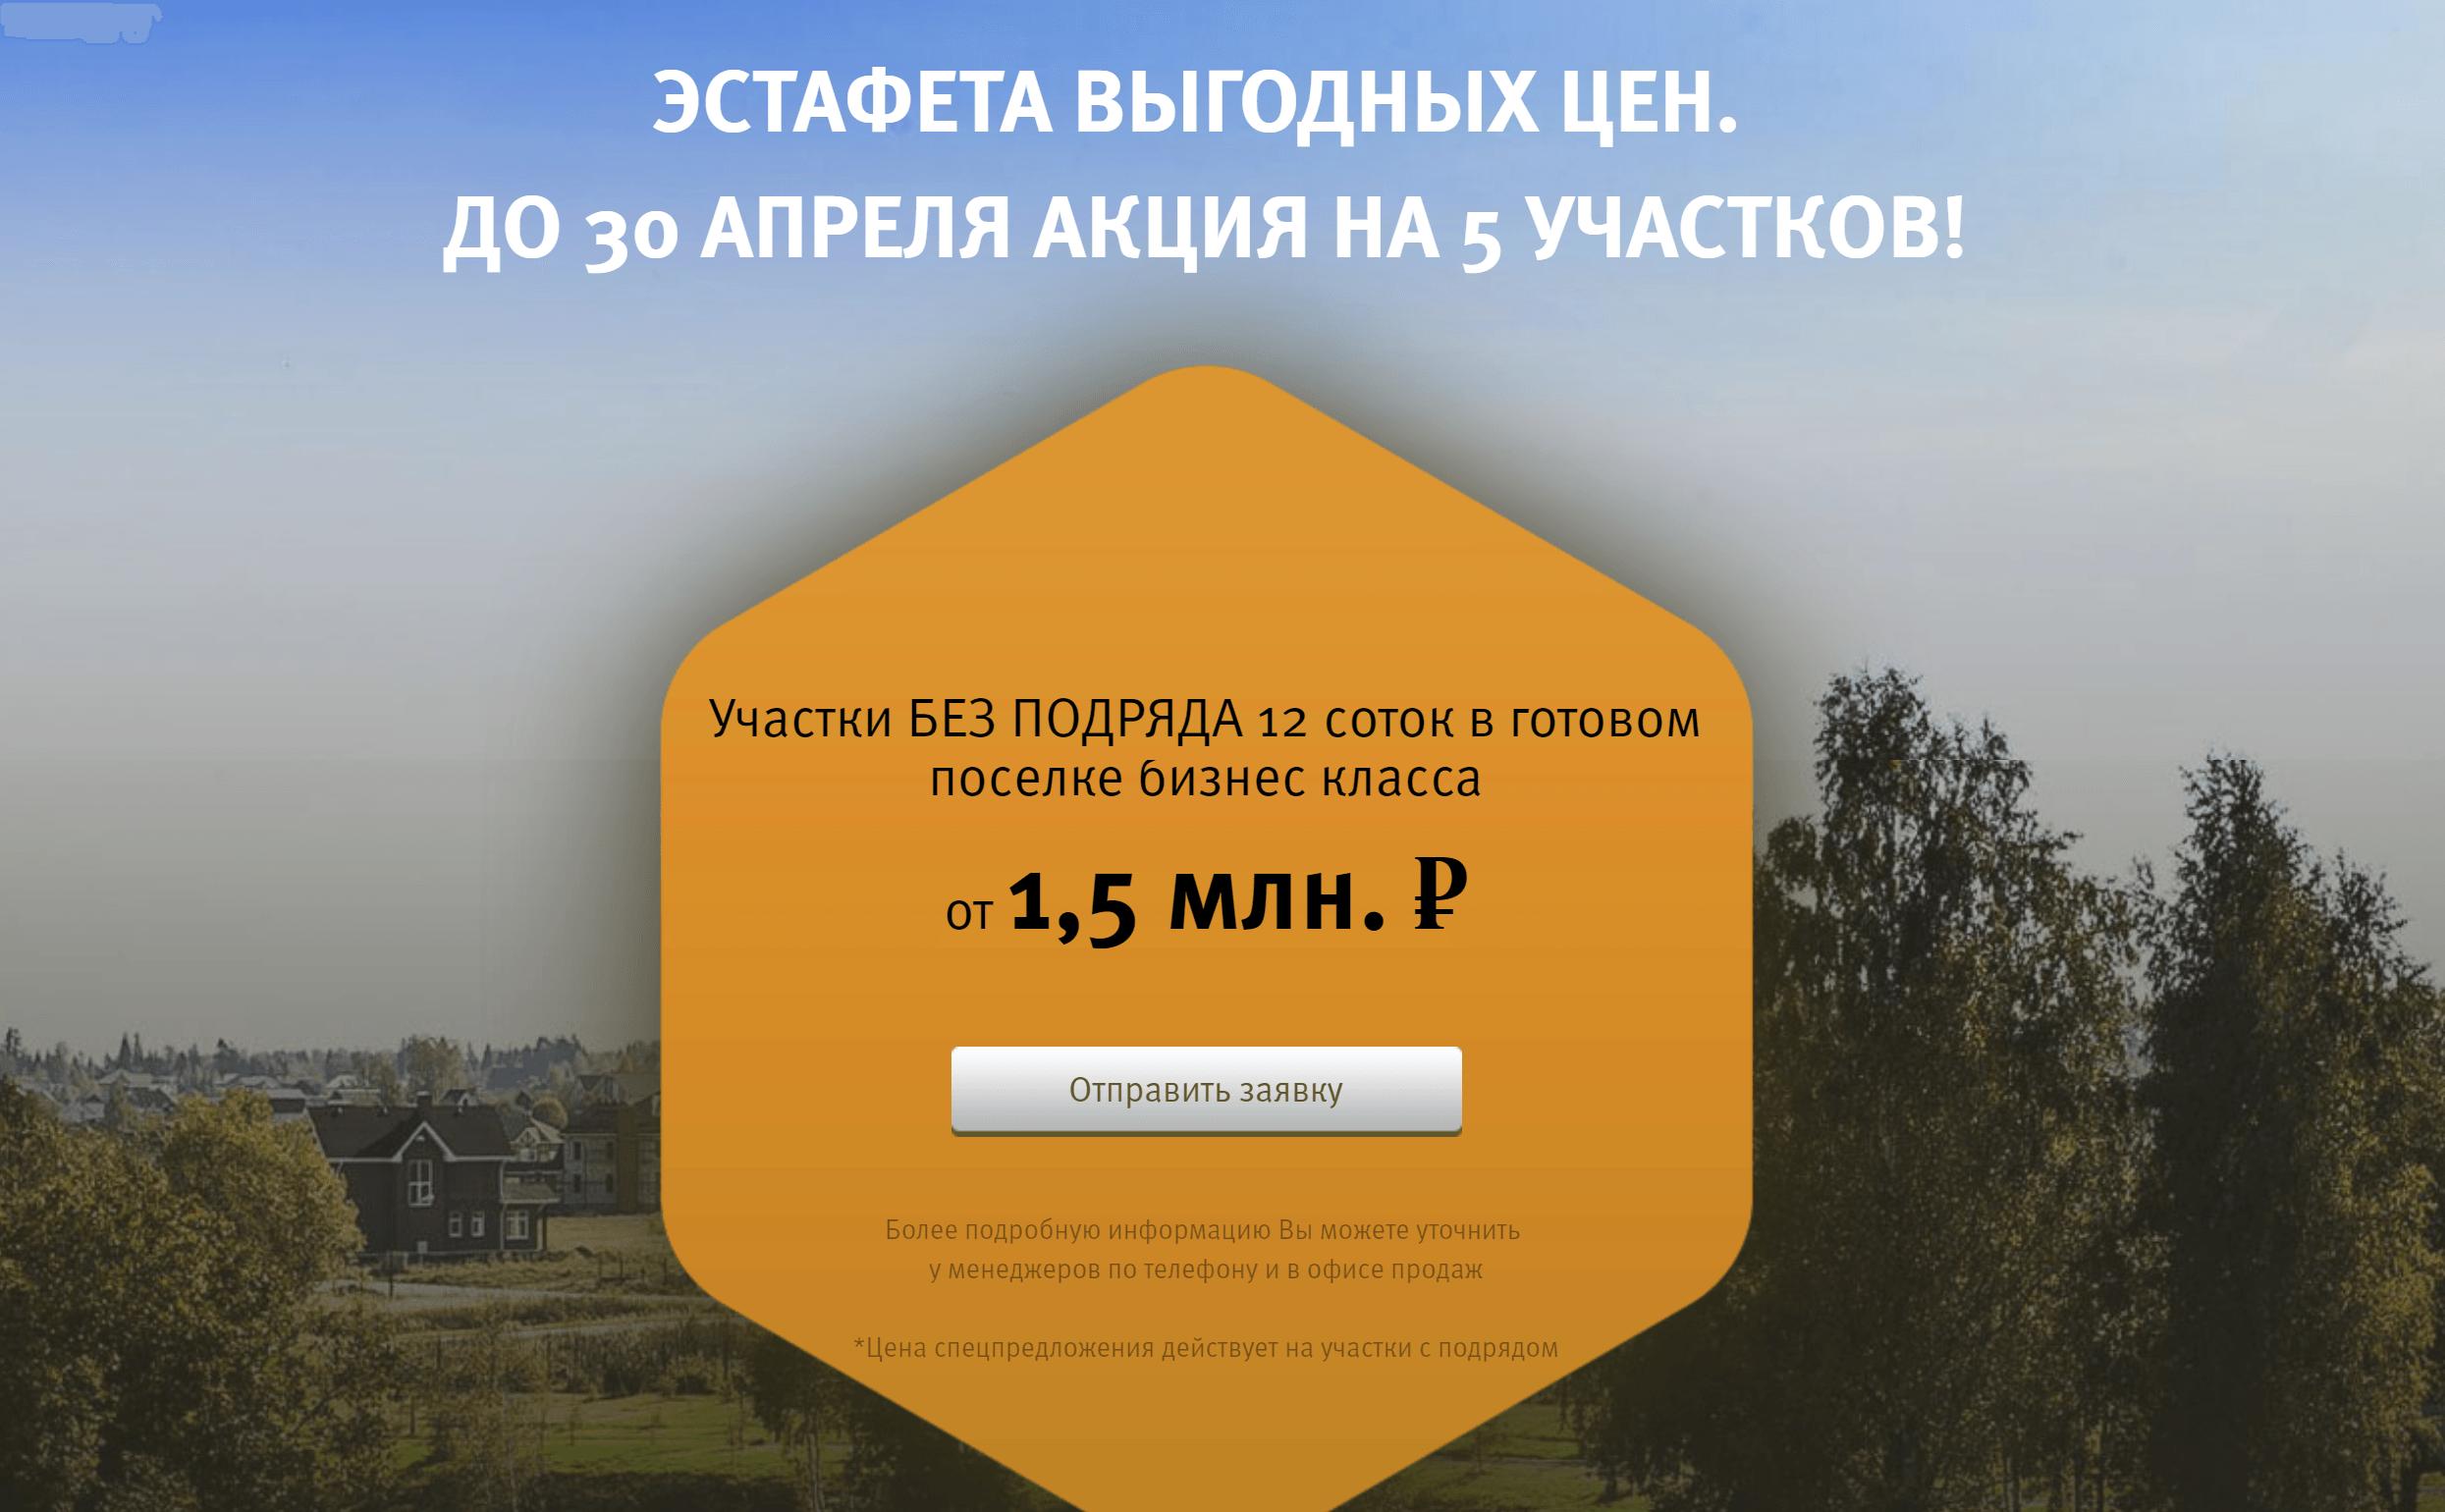 На сайте коттеджного поселка «Ла-Манш» указана минимальная цена не за сотку, а за участок целиком. Правда, какого он размера — непонятно. Источник: Коттеджный поселок «Ла-Манш»